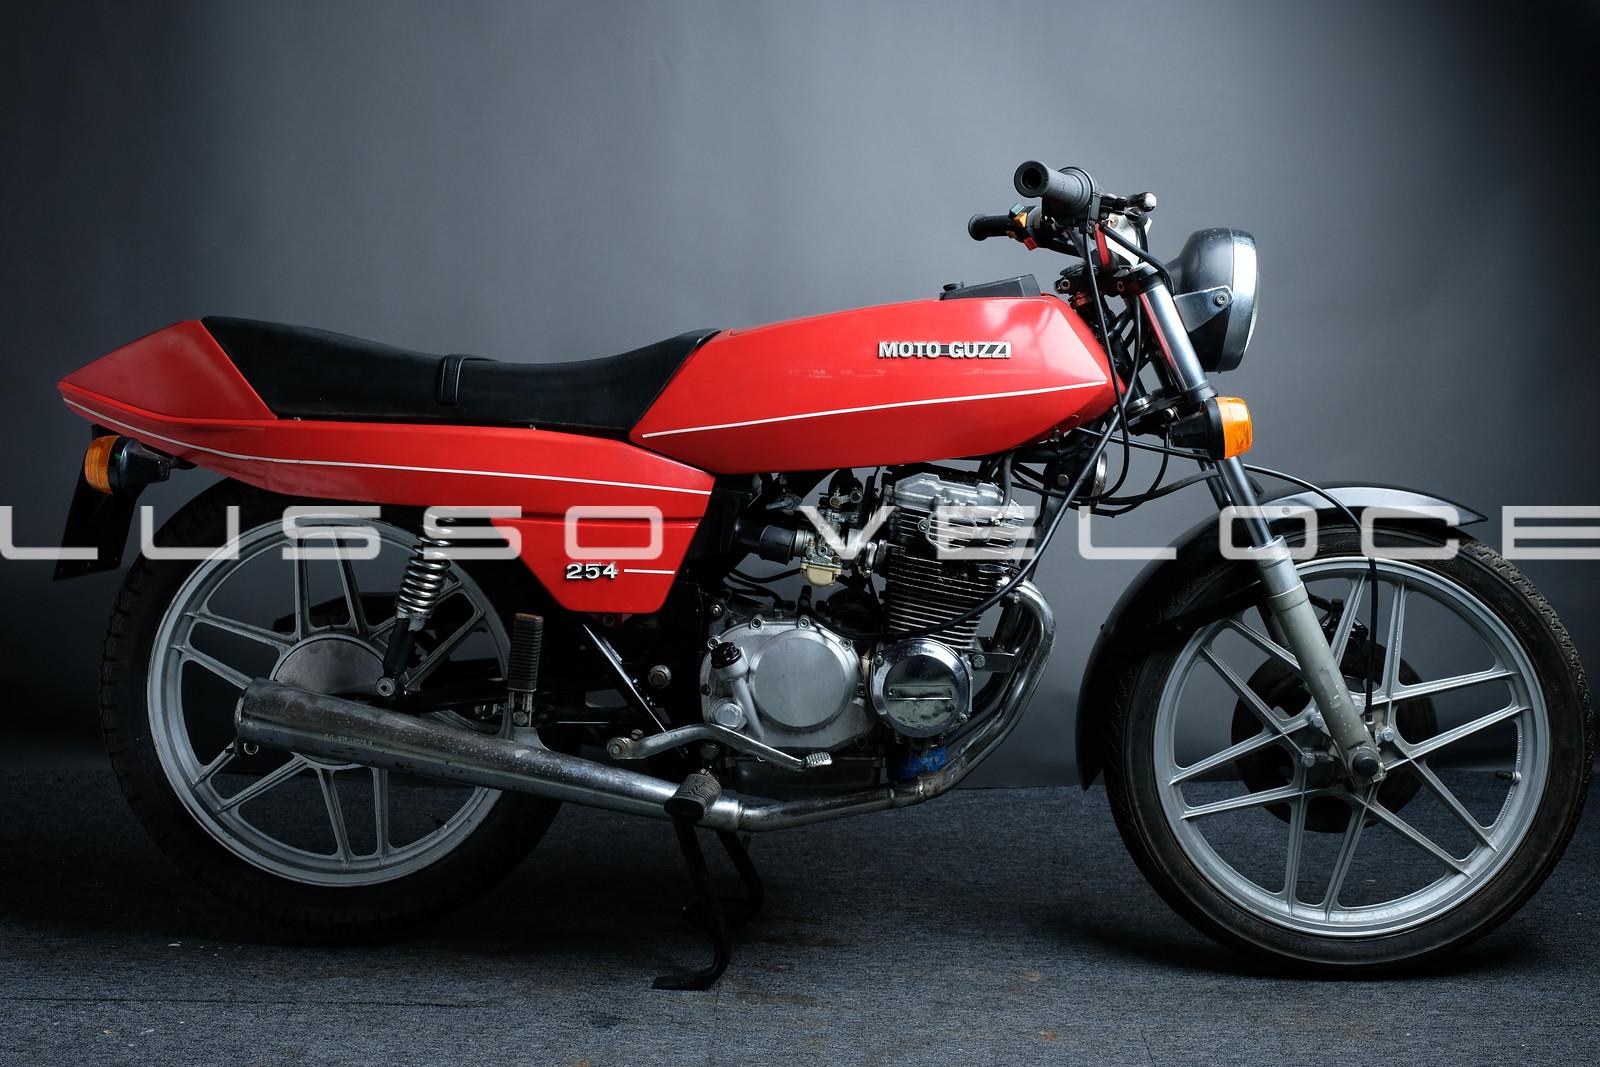 Moto Guzzi 254 project